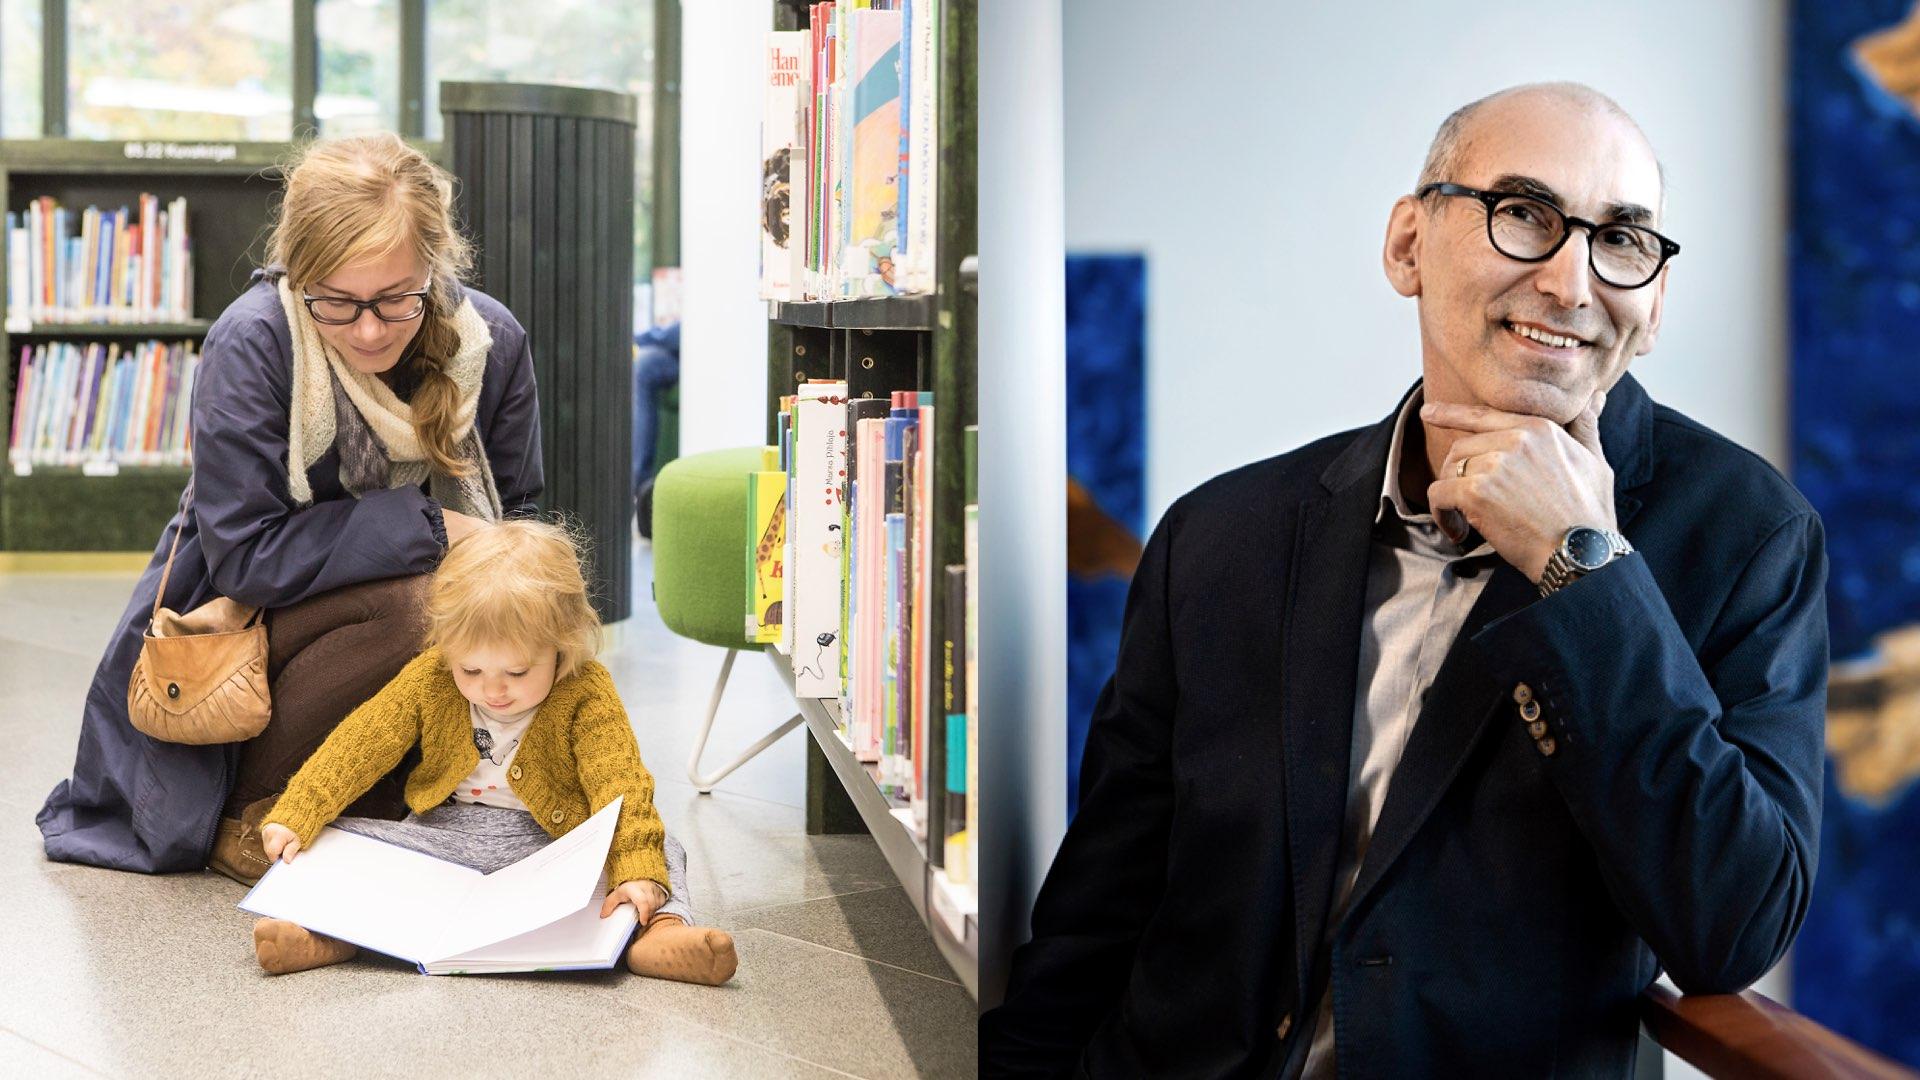 Kuvassa äiti ja lapsi lukevat kirjaa kirjastossa. Toisessa kuvassa Juha T. Hakala katsoo ja hymyilee.